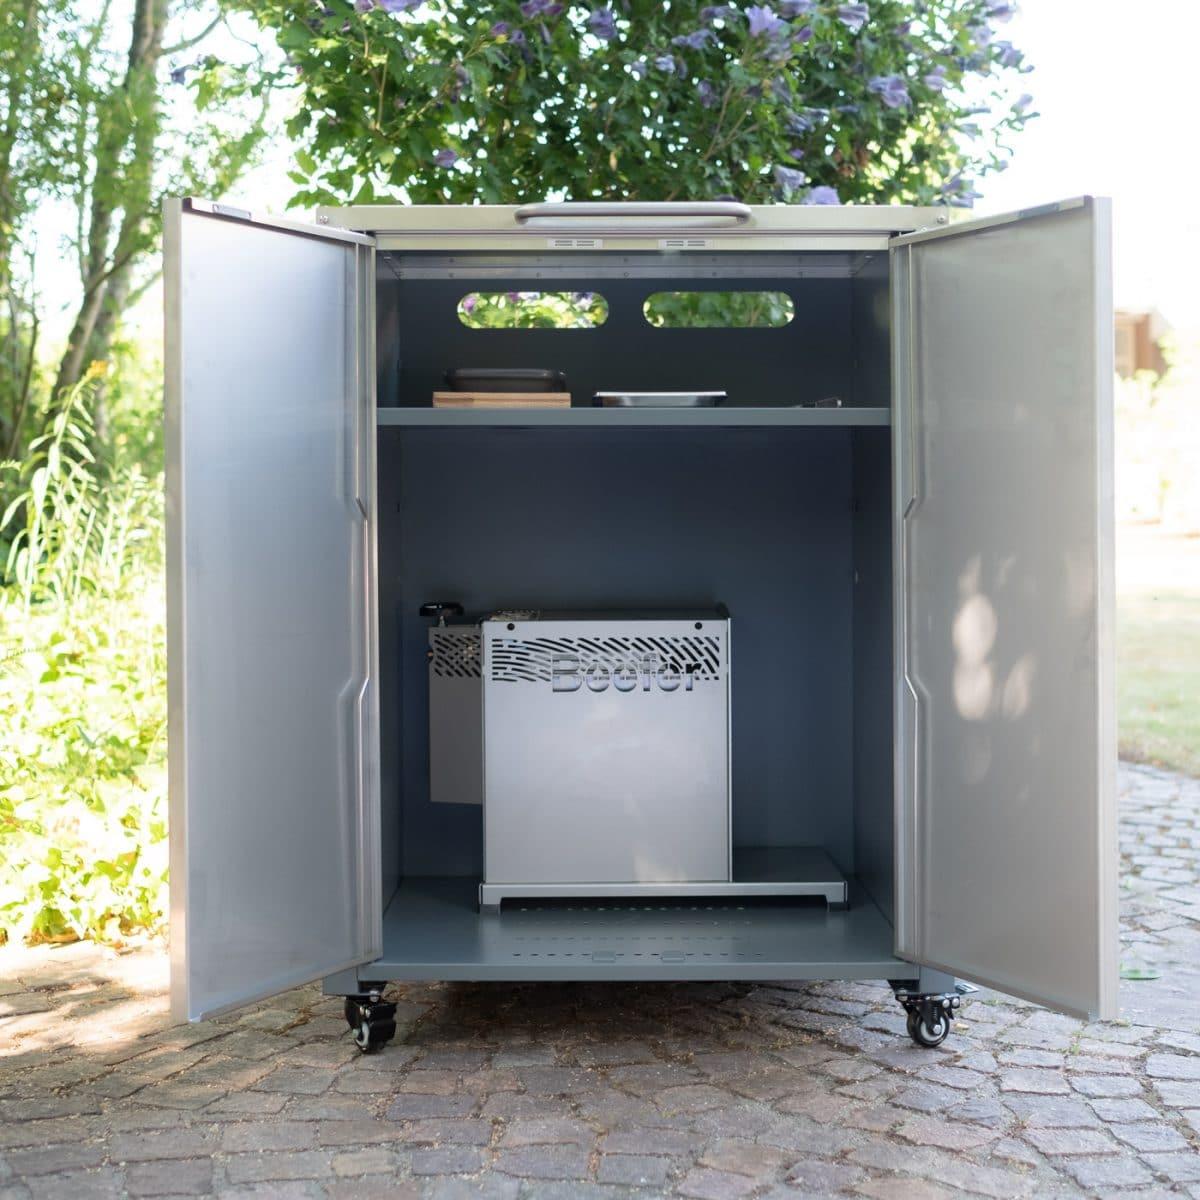 Beefer Rollwagen Raum für Grillgerät zur Überwinterung